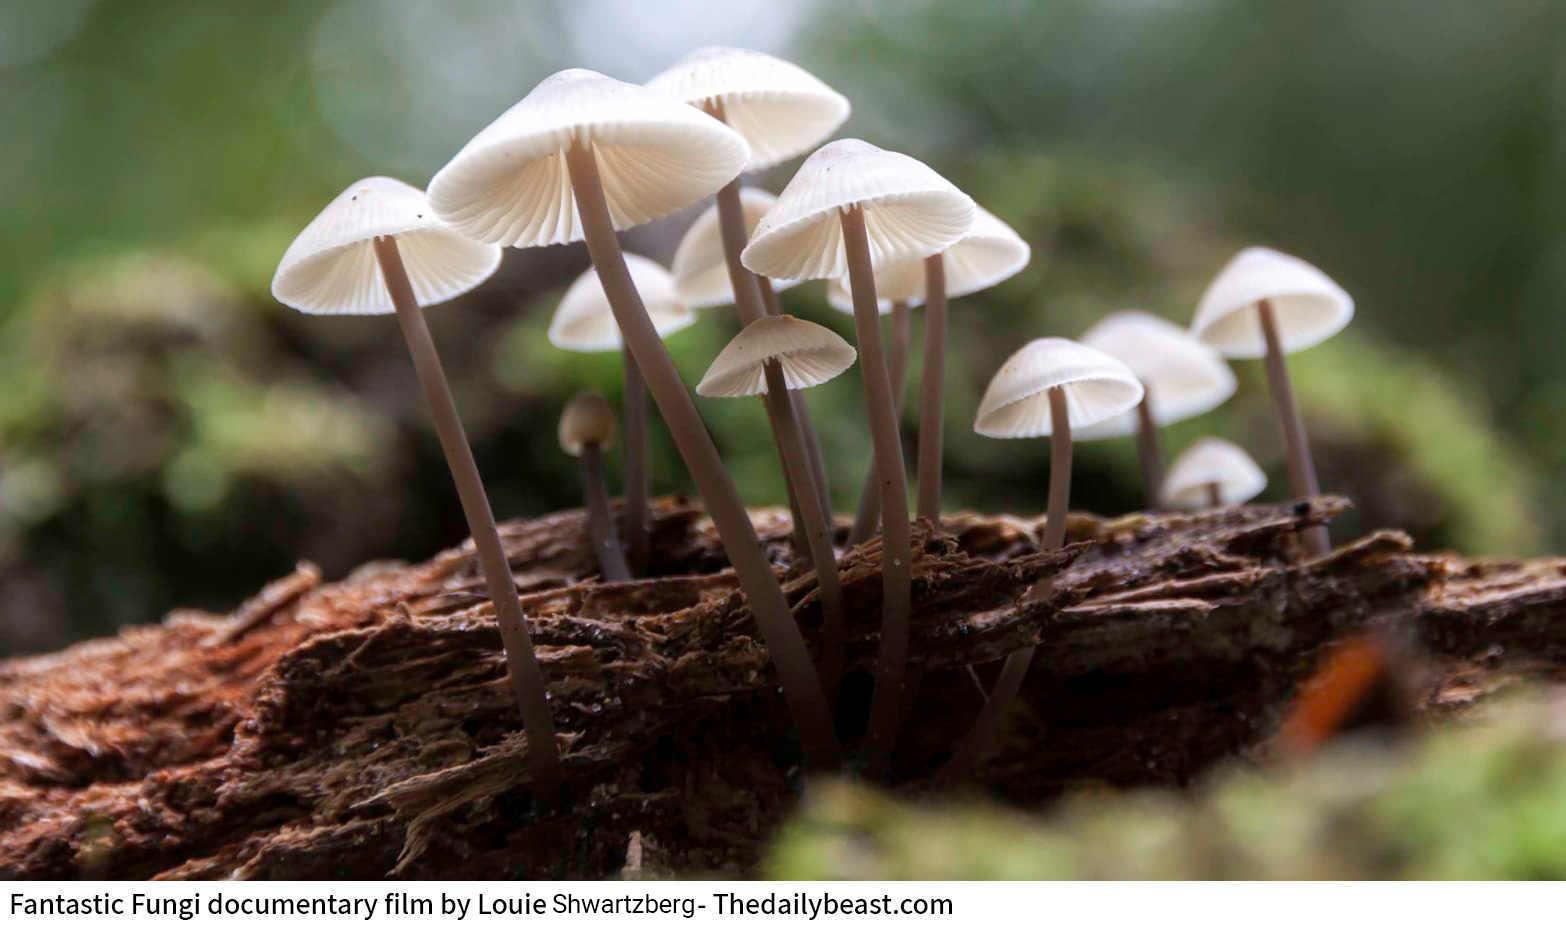 חפצים לא תאמינו<br>סיפורן של הפטריות